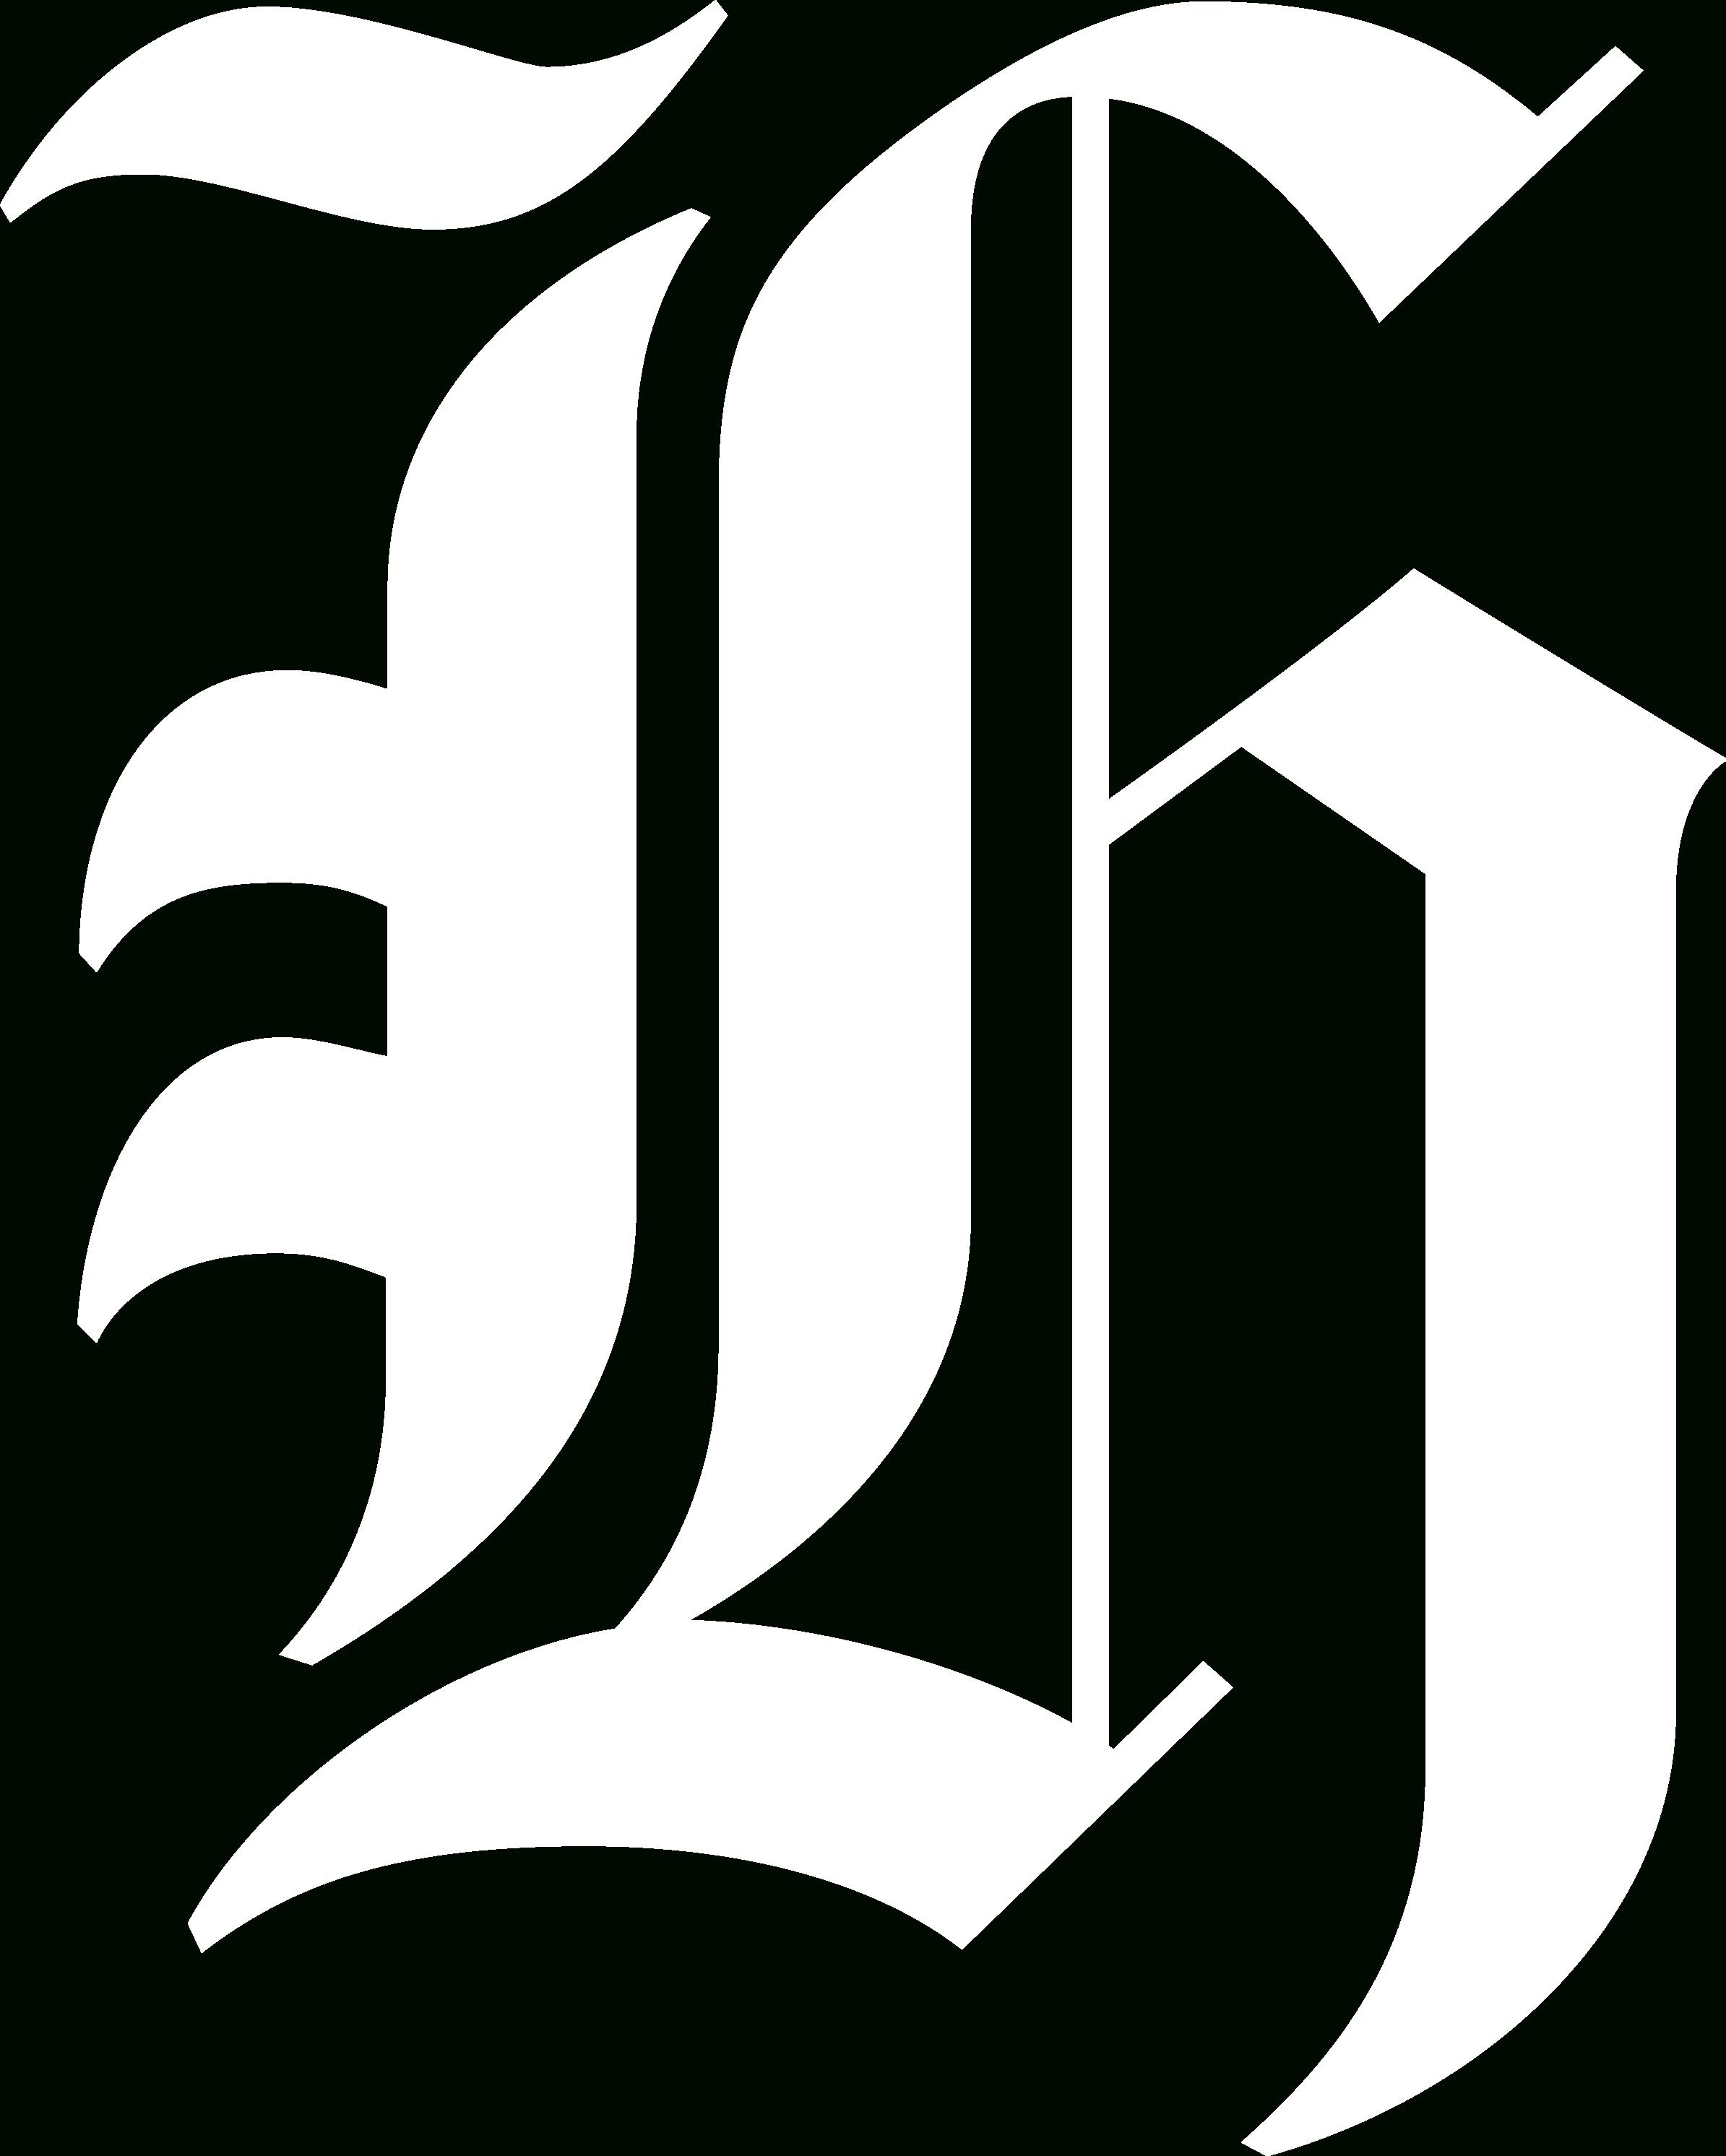 Crossword Puzzles - Nz Herald - Printable Crossword Nz